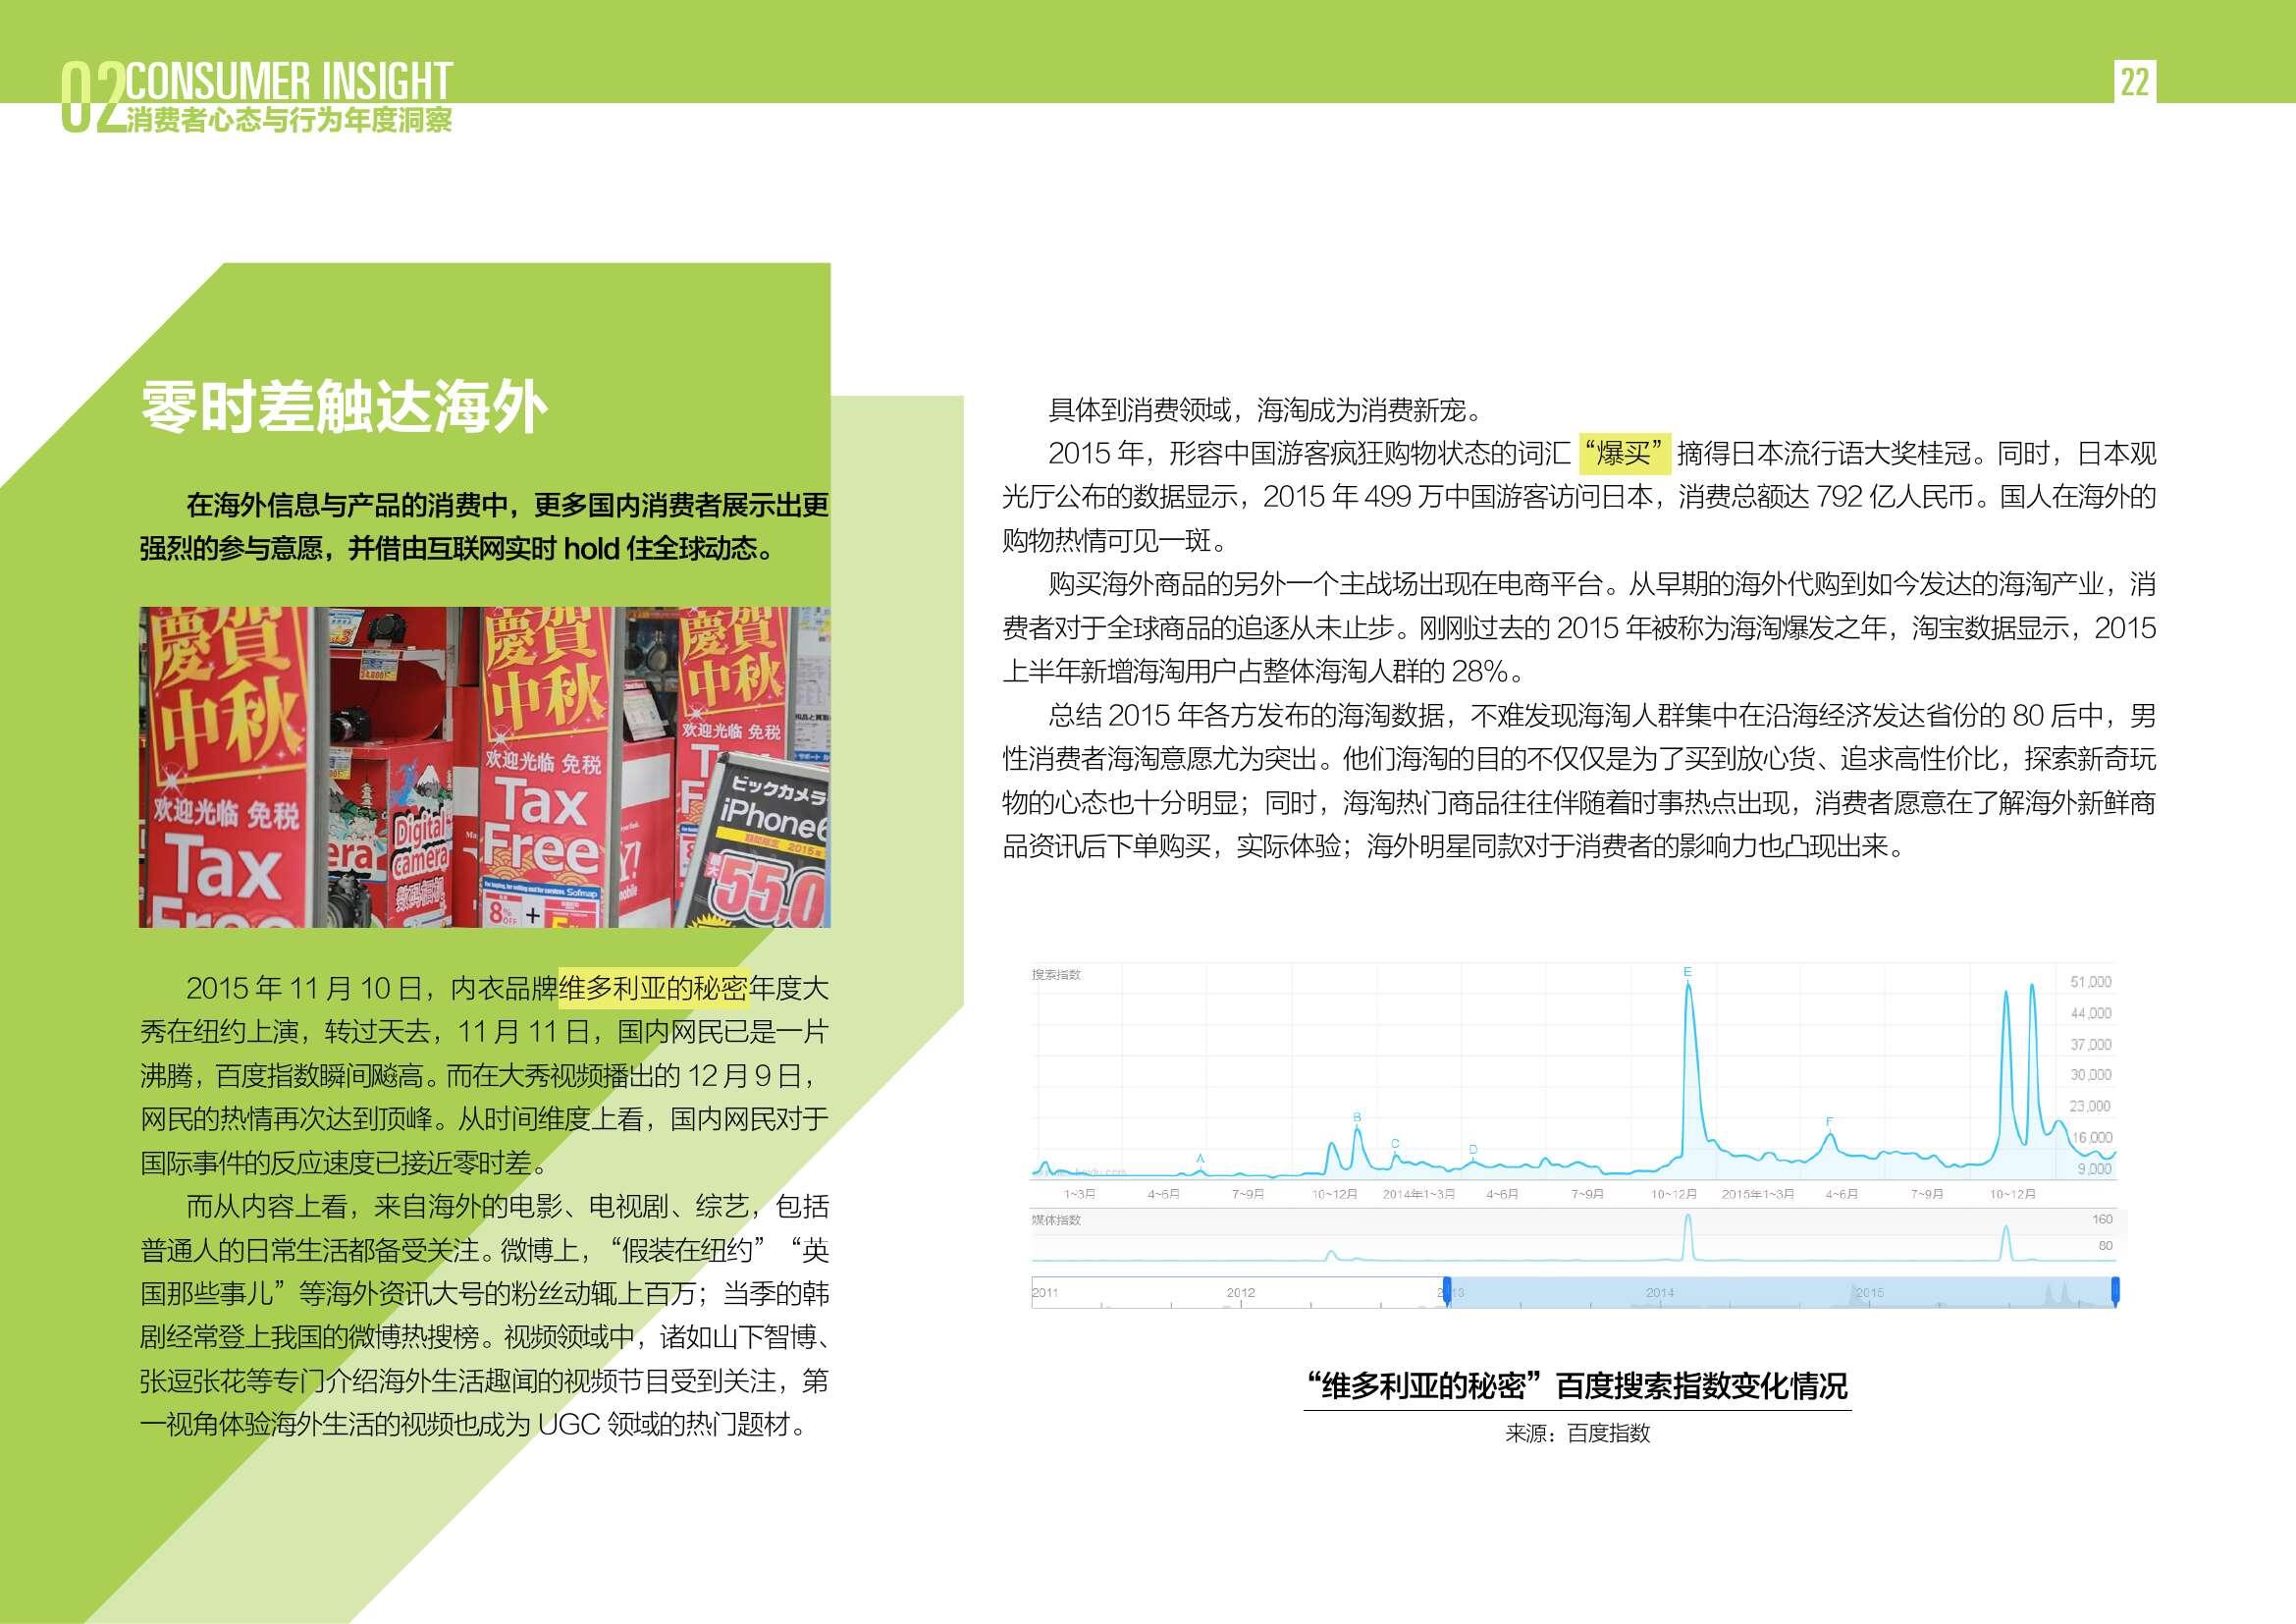 2016中国数字营销行动报告_000022